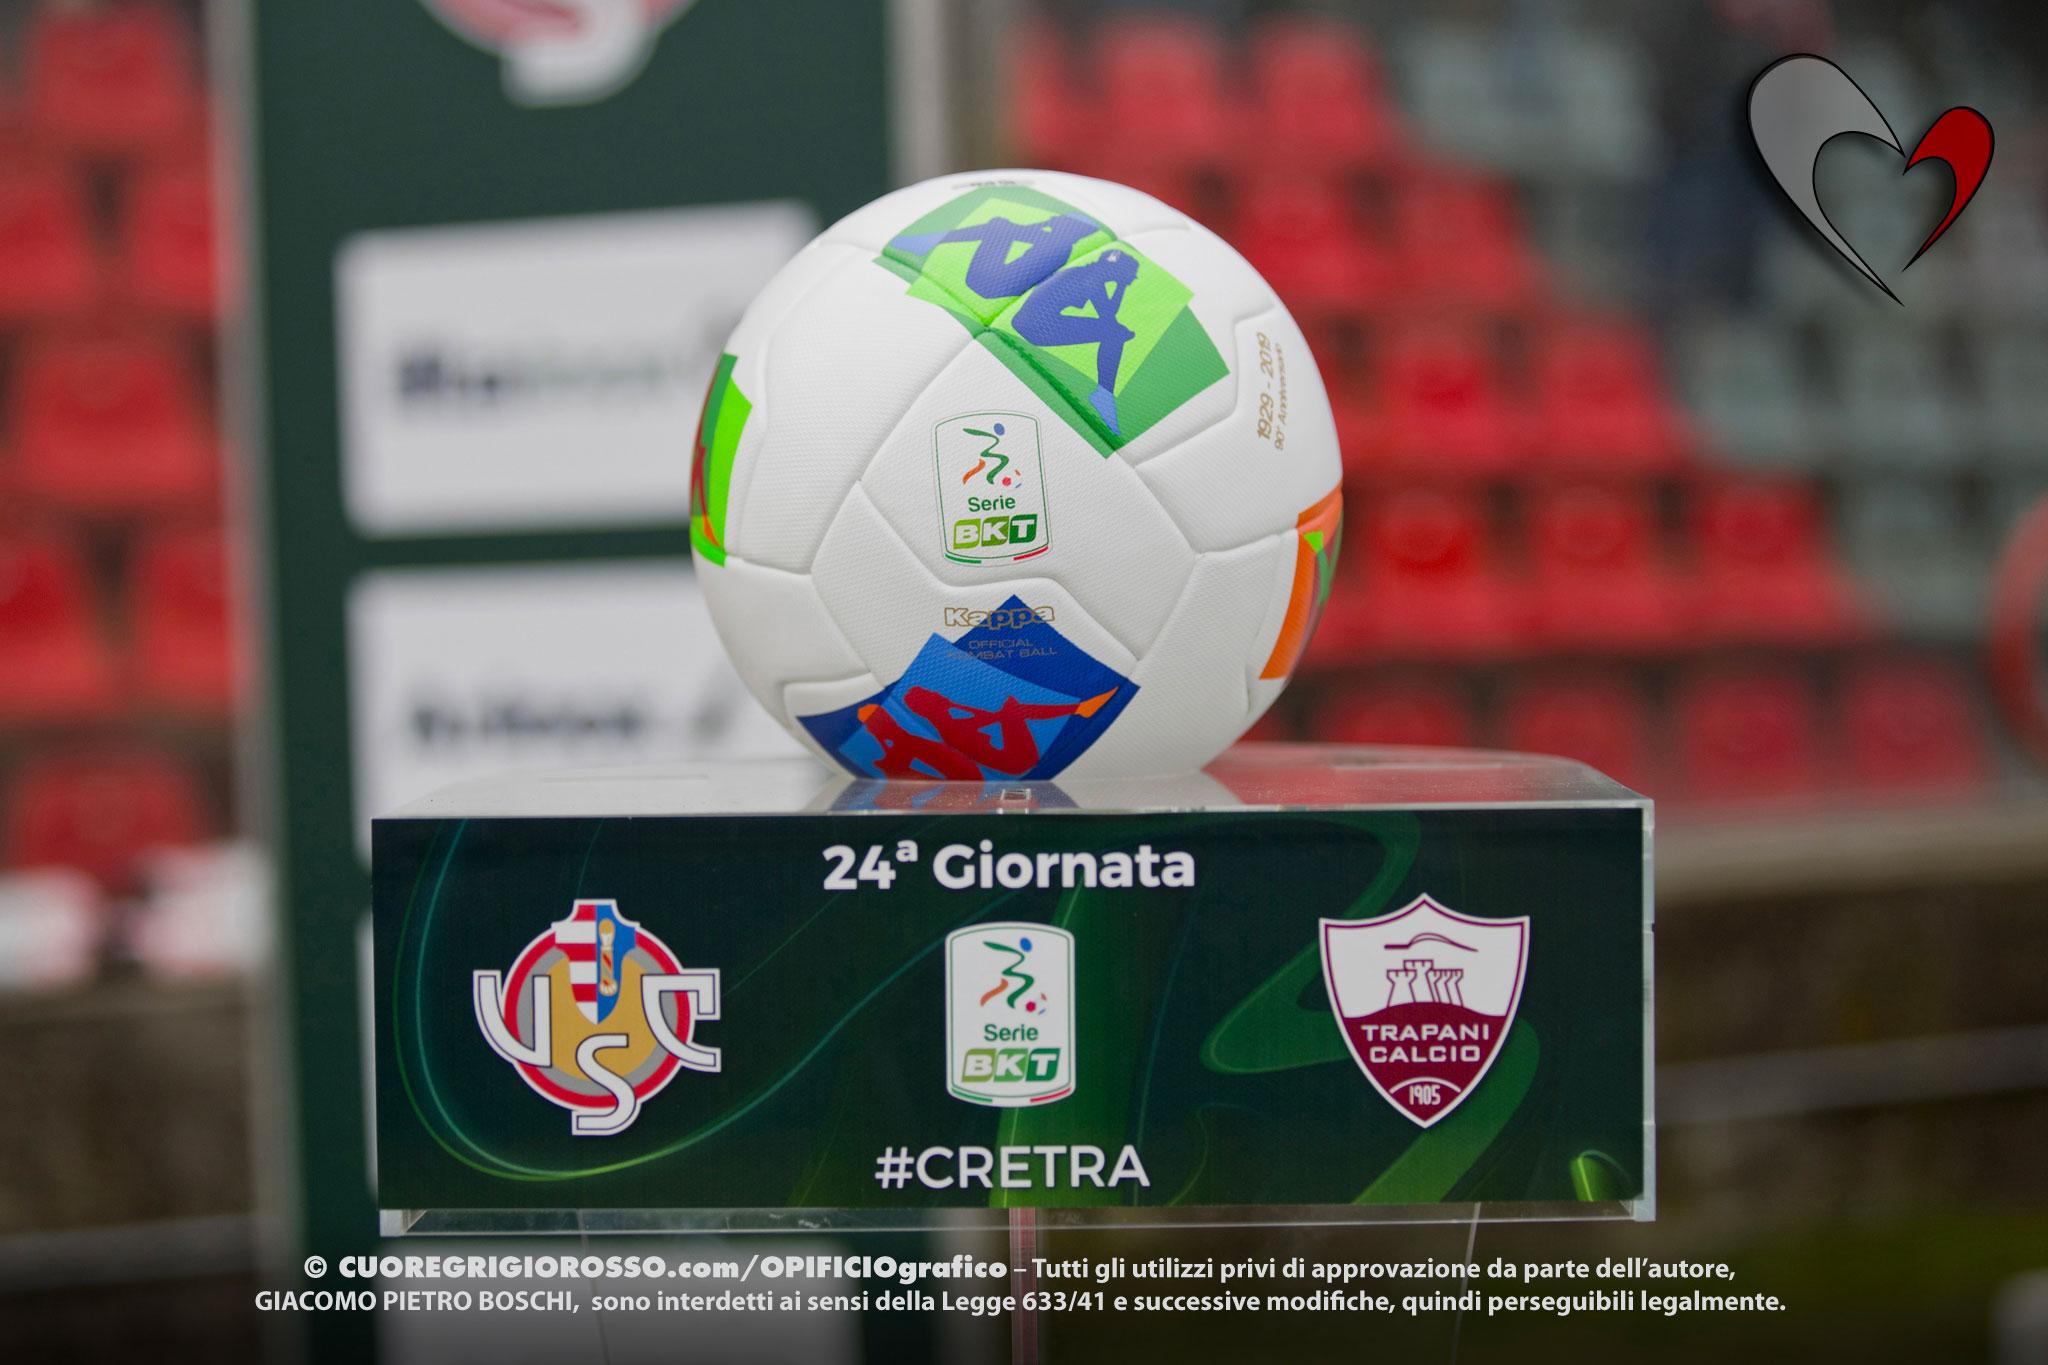 Serie B, Lecce-Empoli 2-2: toscani campioni d'inverno